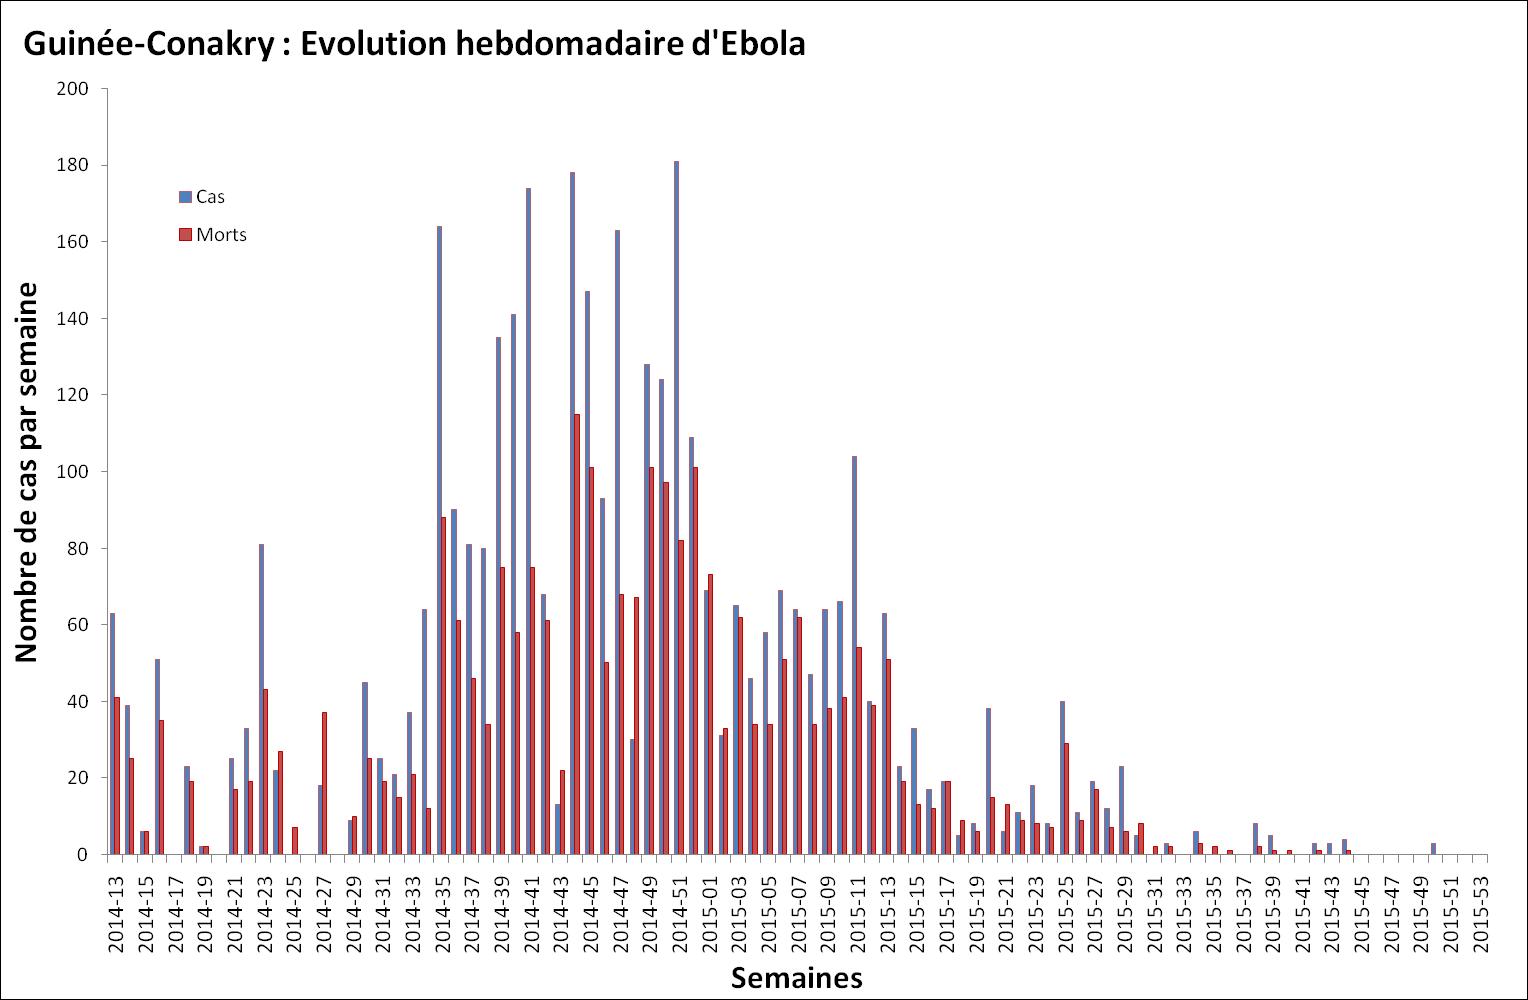 Nombre de malades et de décès dus au virus Ebola survenant chaque semaine en Guinée-Conakry